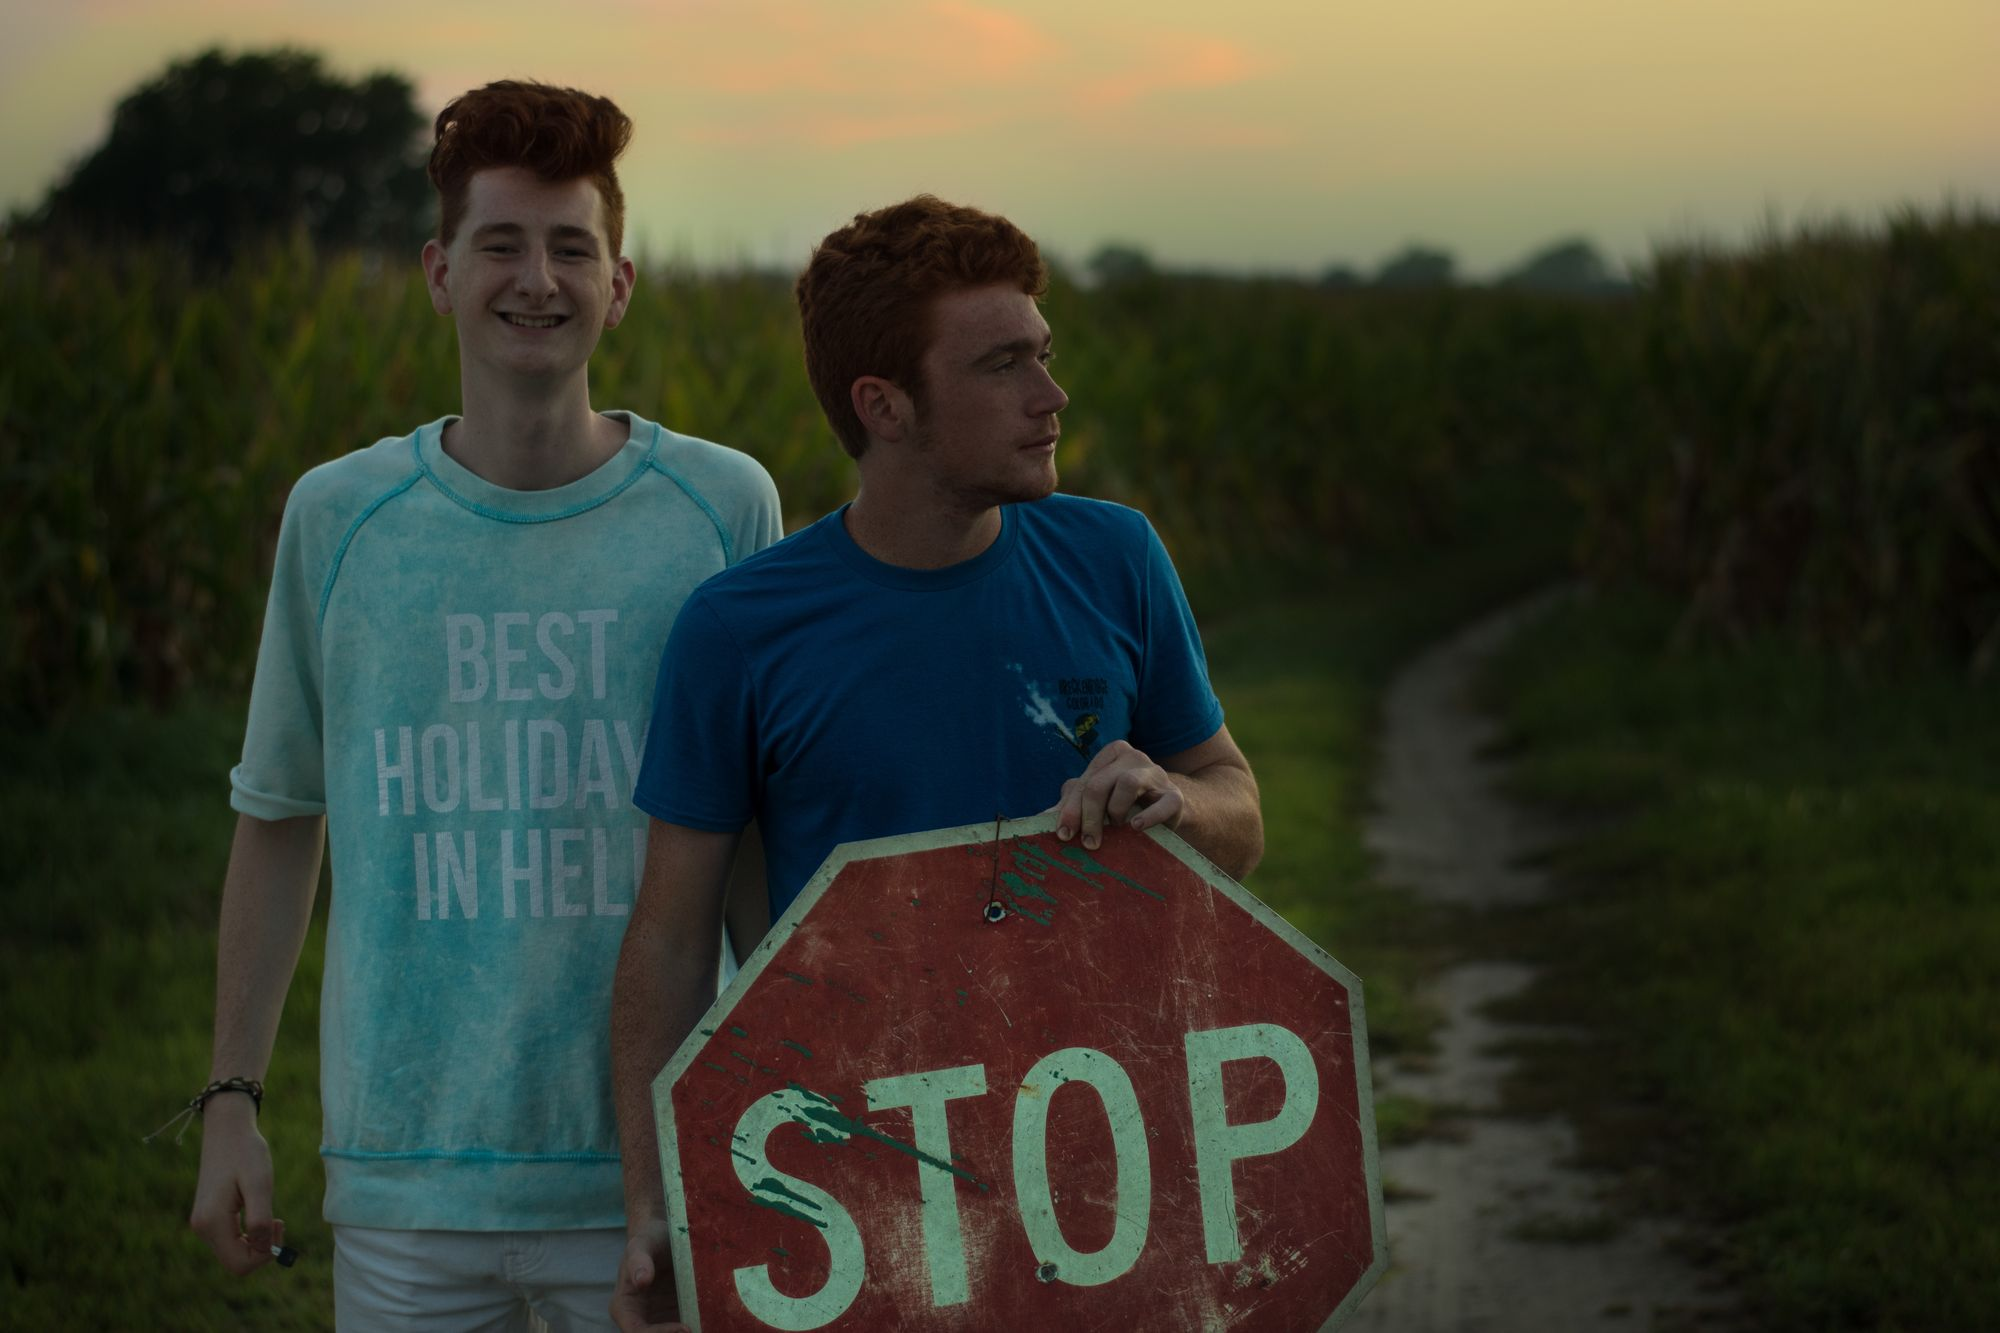 Deux garçons faisant du stop au bord de la route